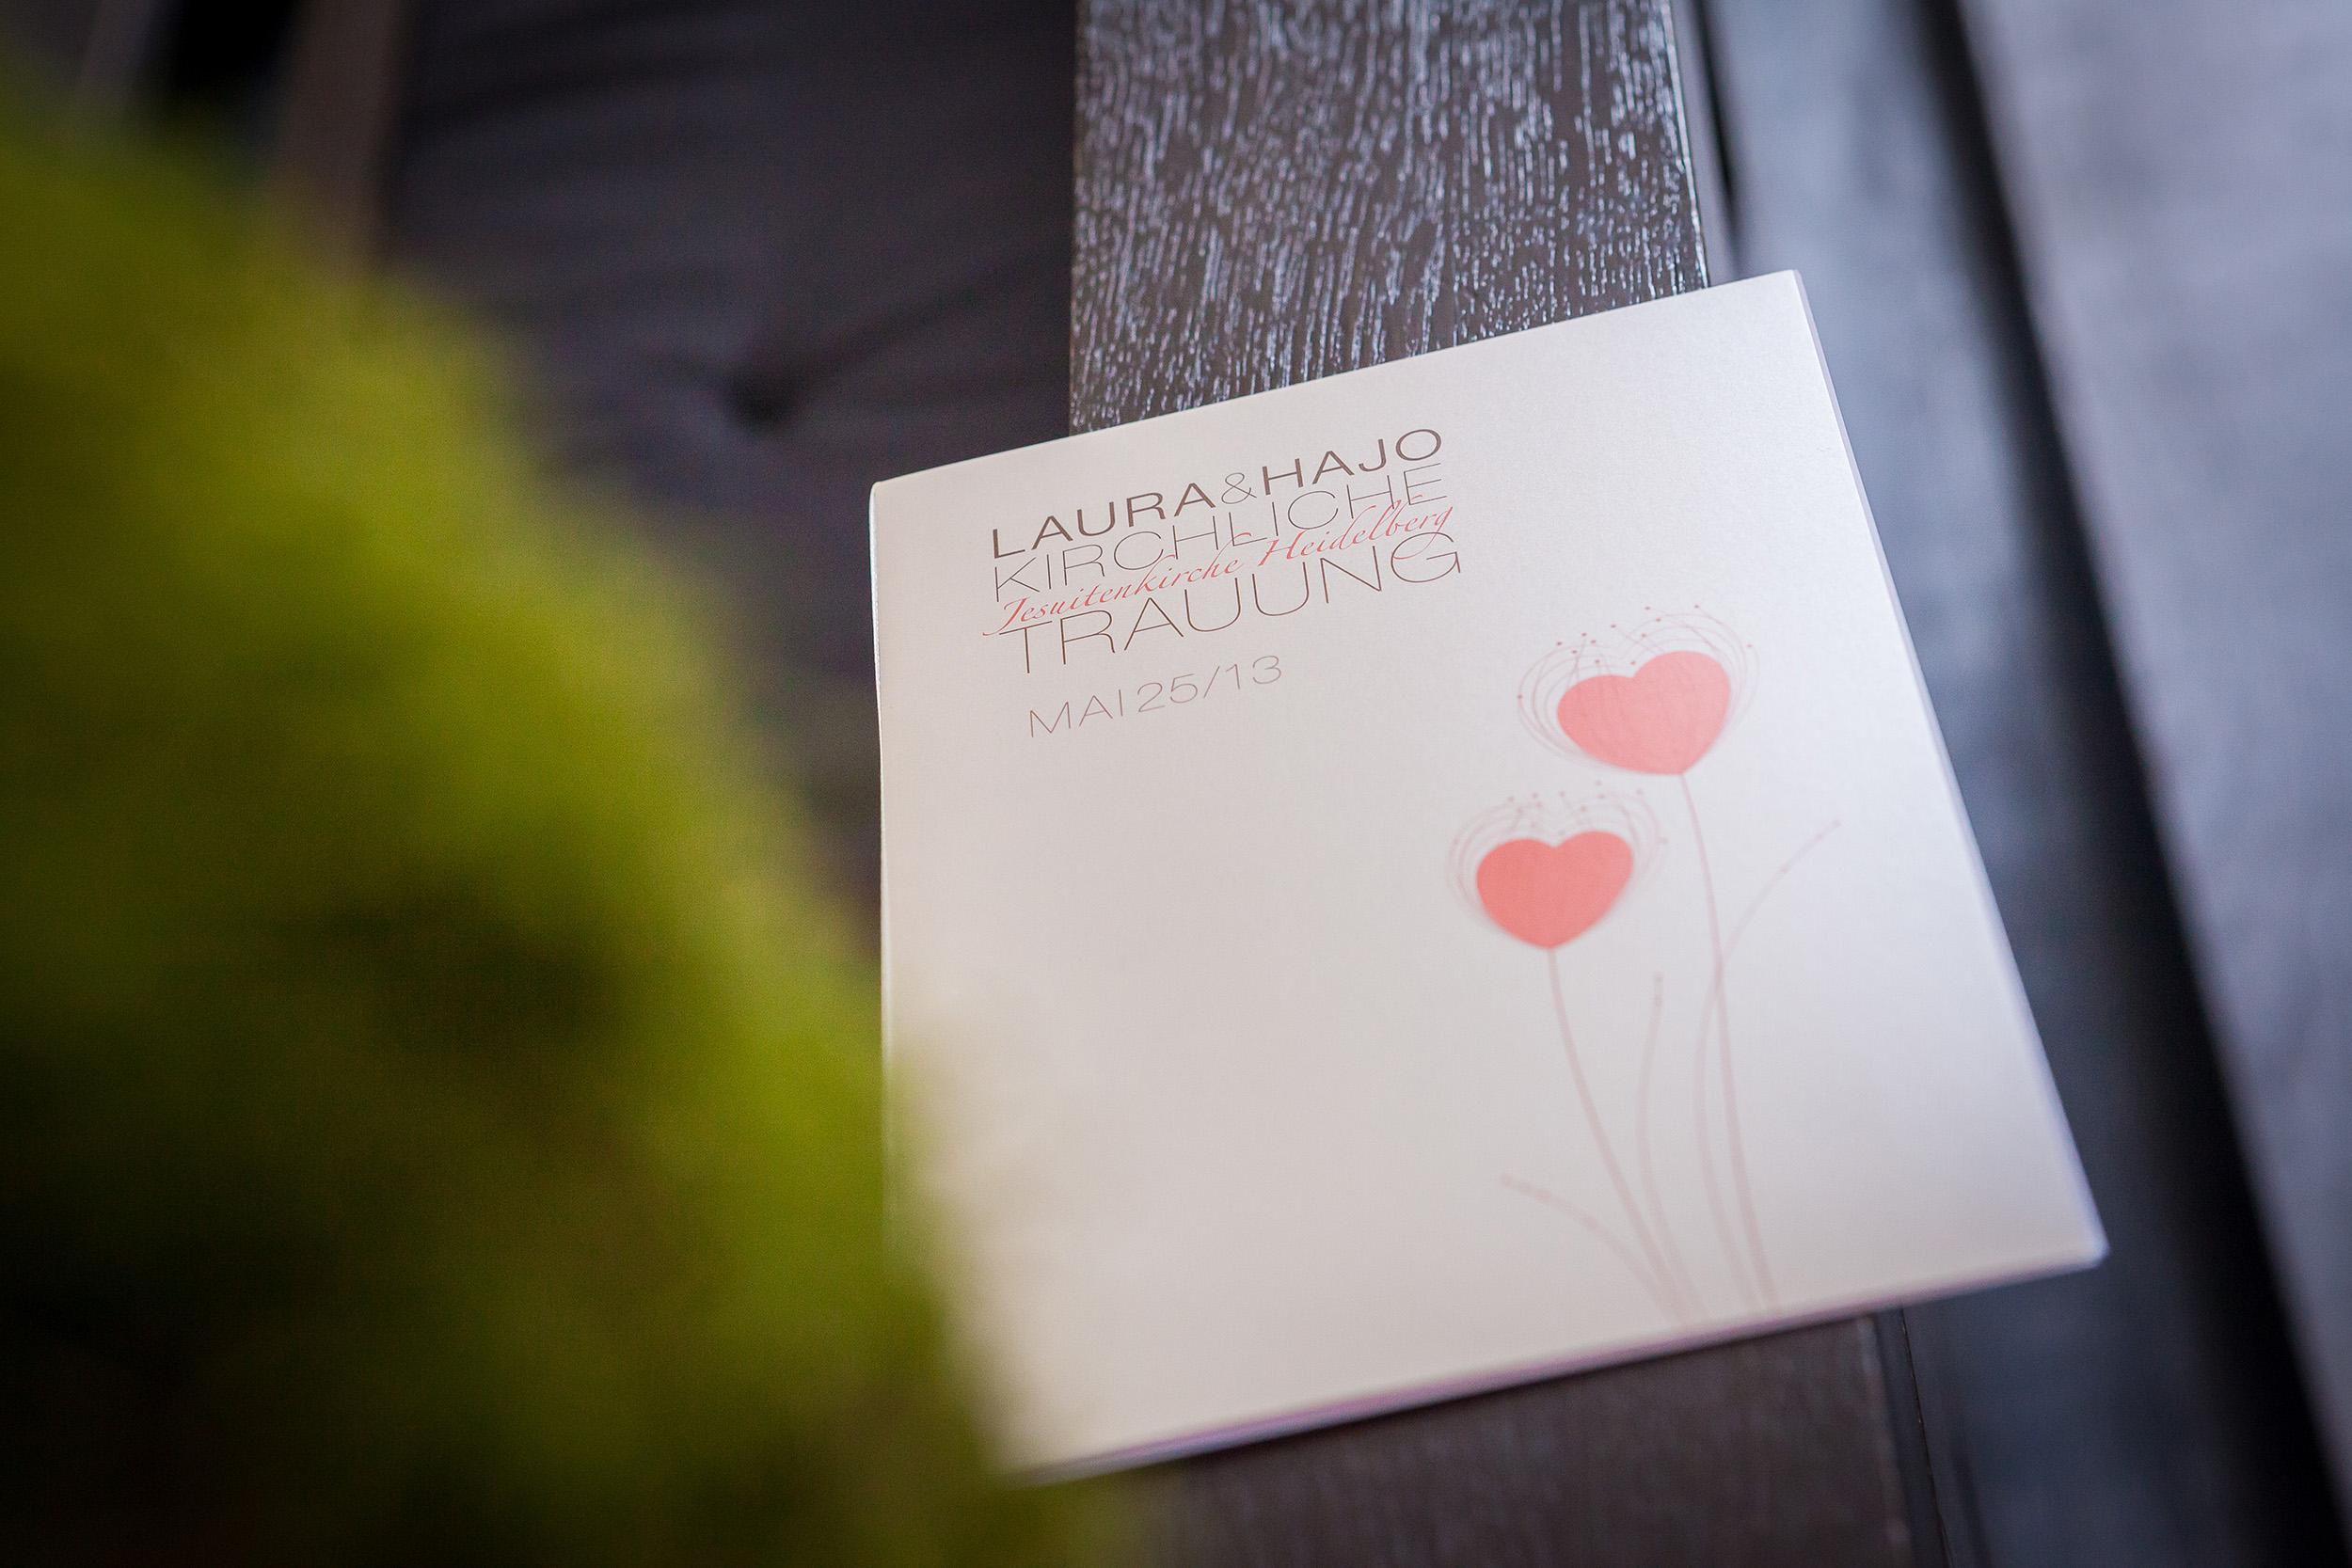 LauraHajo-130525-0003